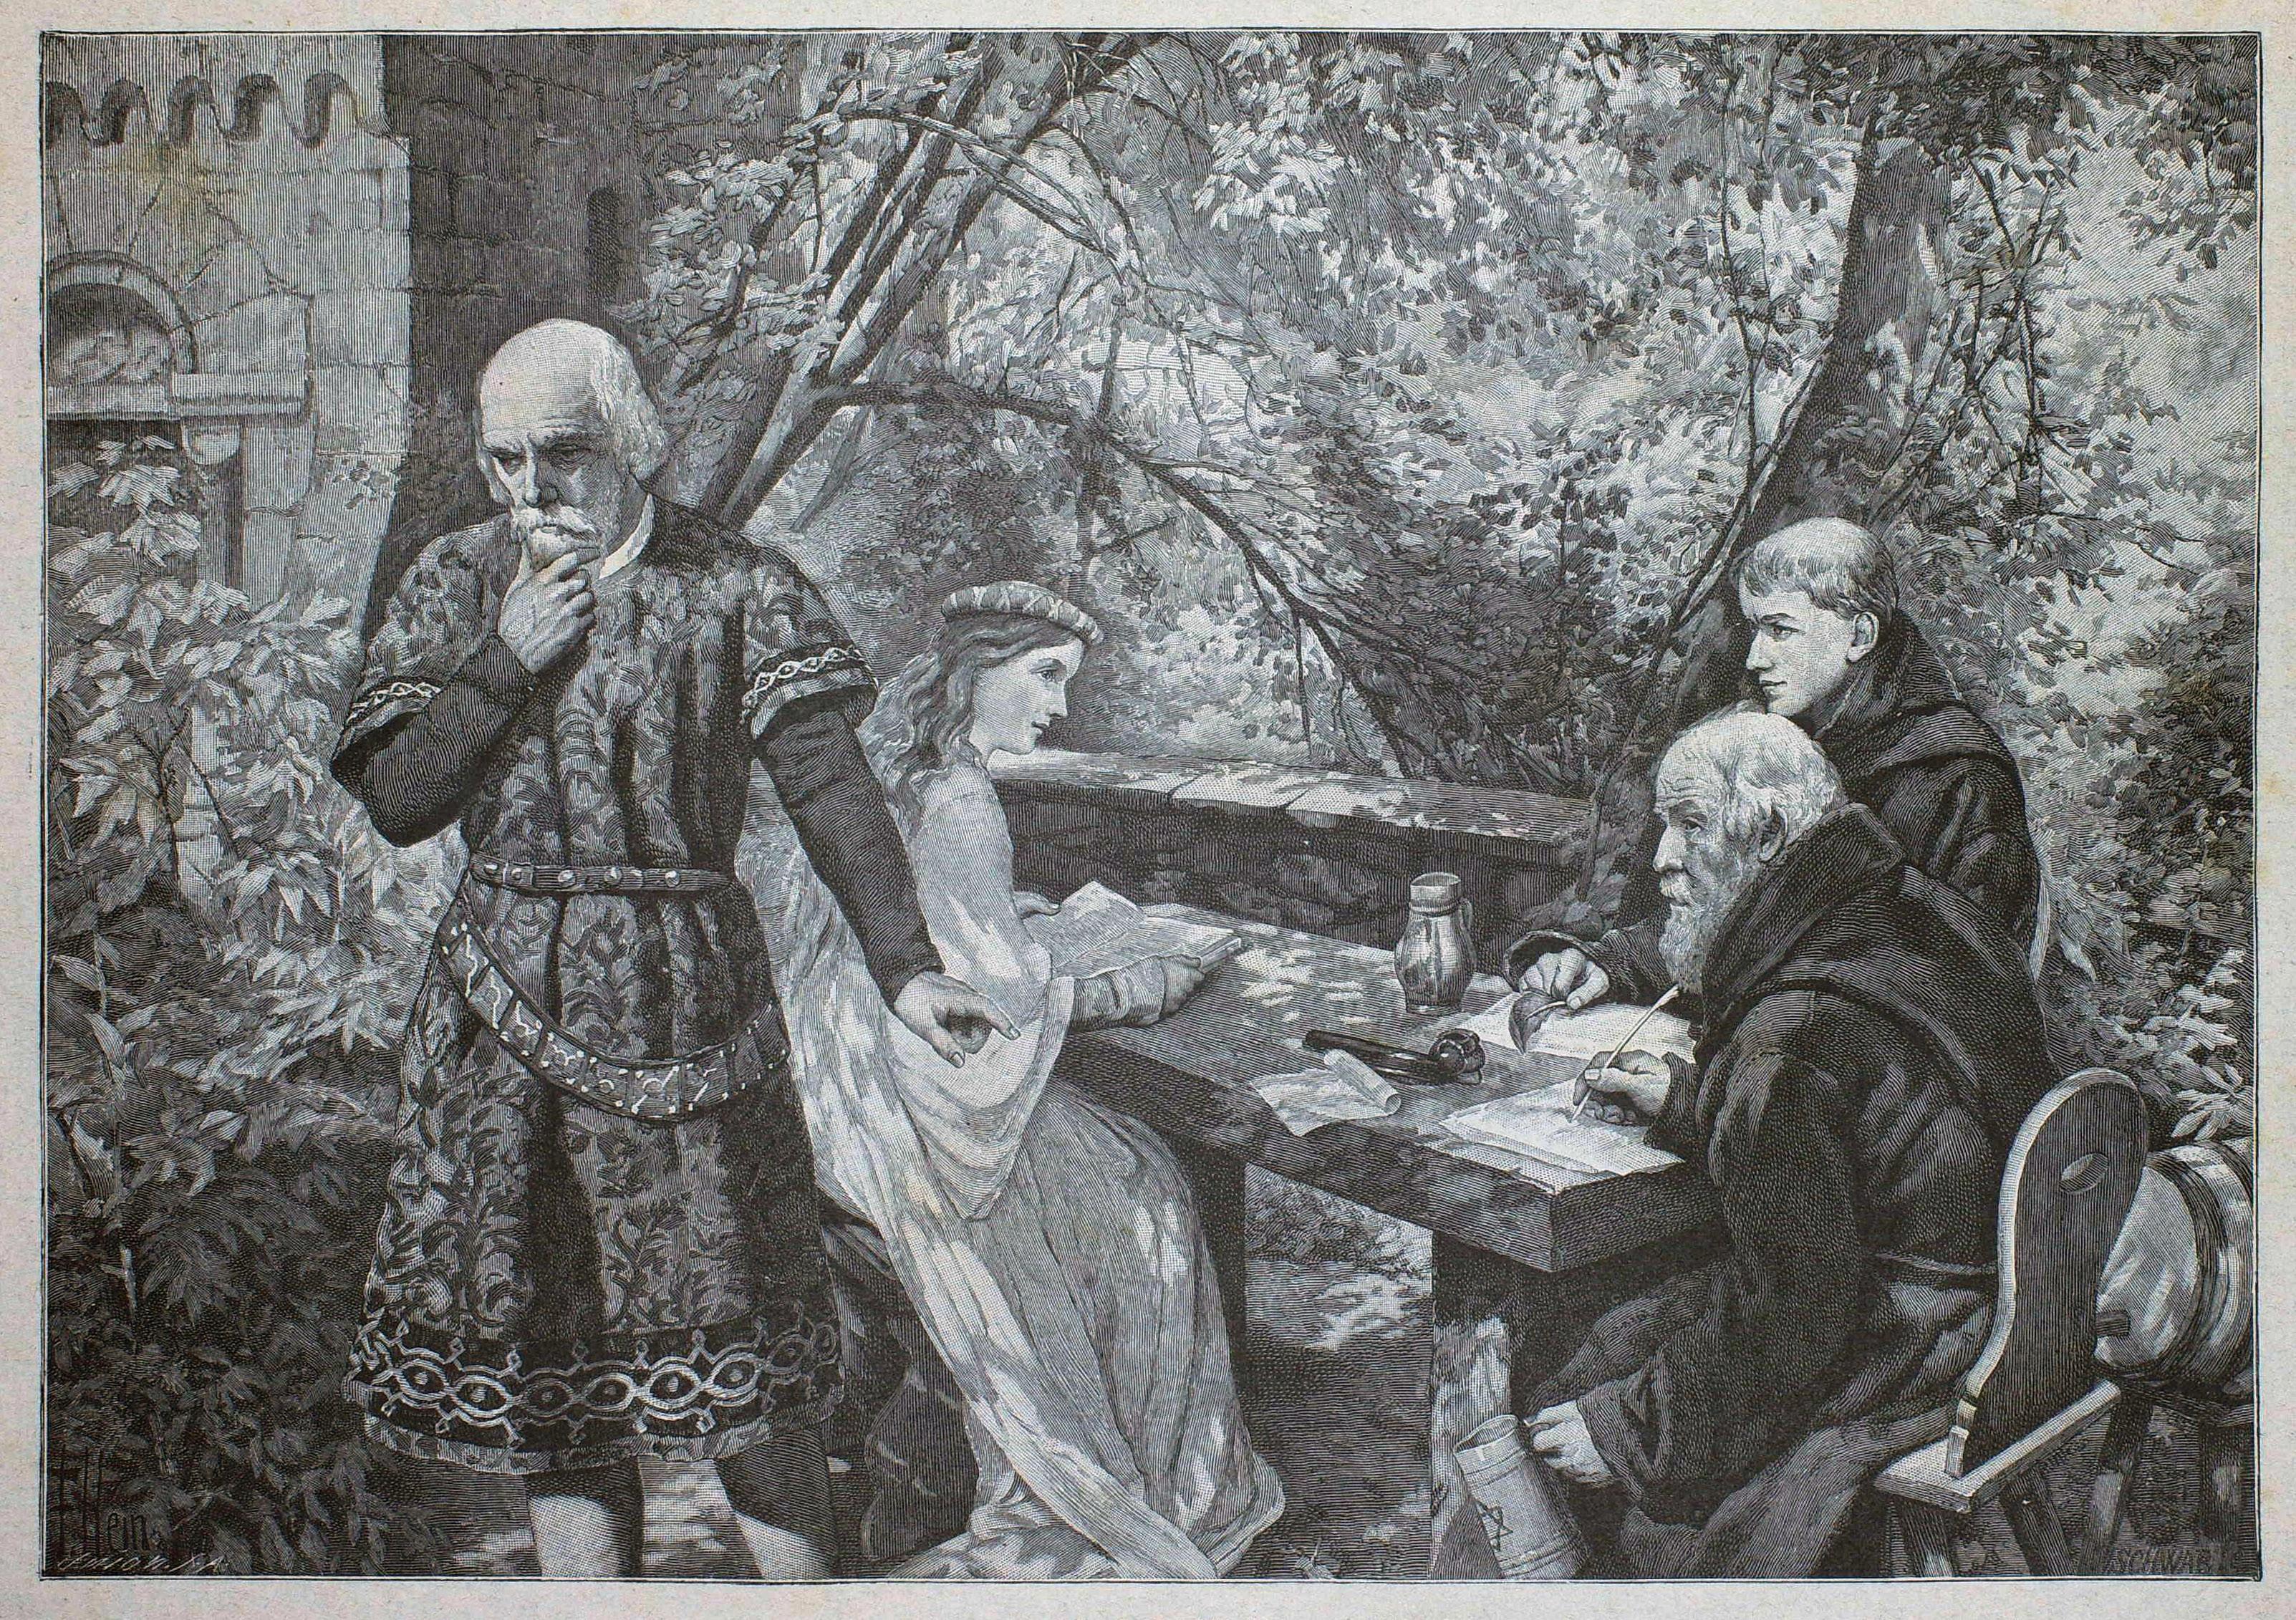 Die_Gartenlaube_(1893)_b_433.jpg